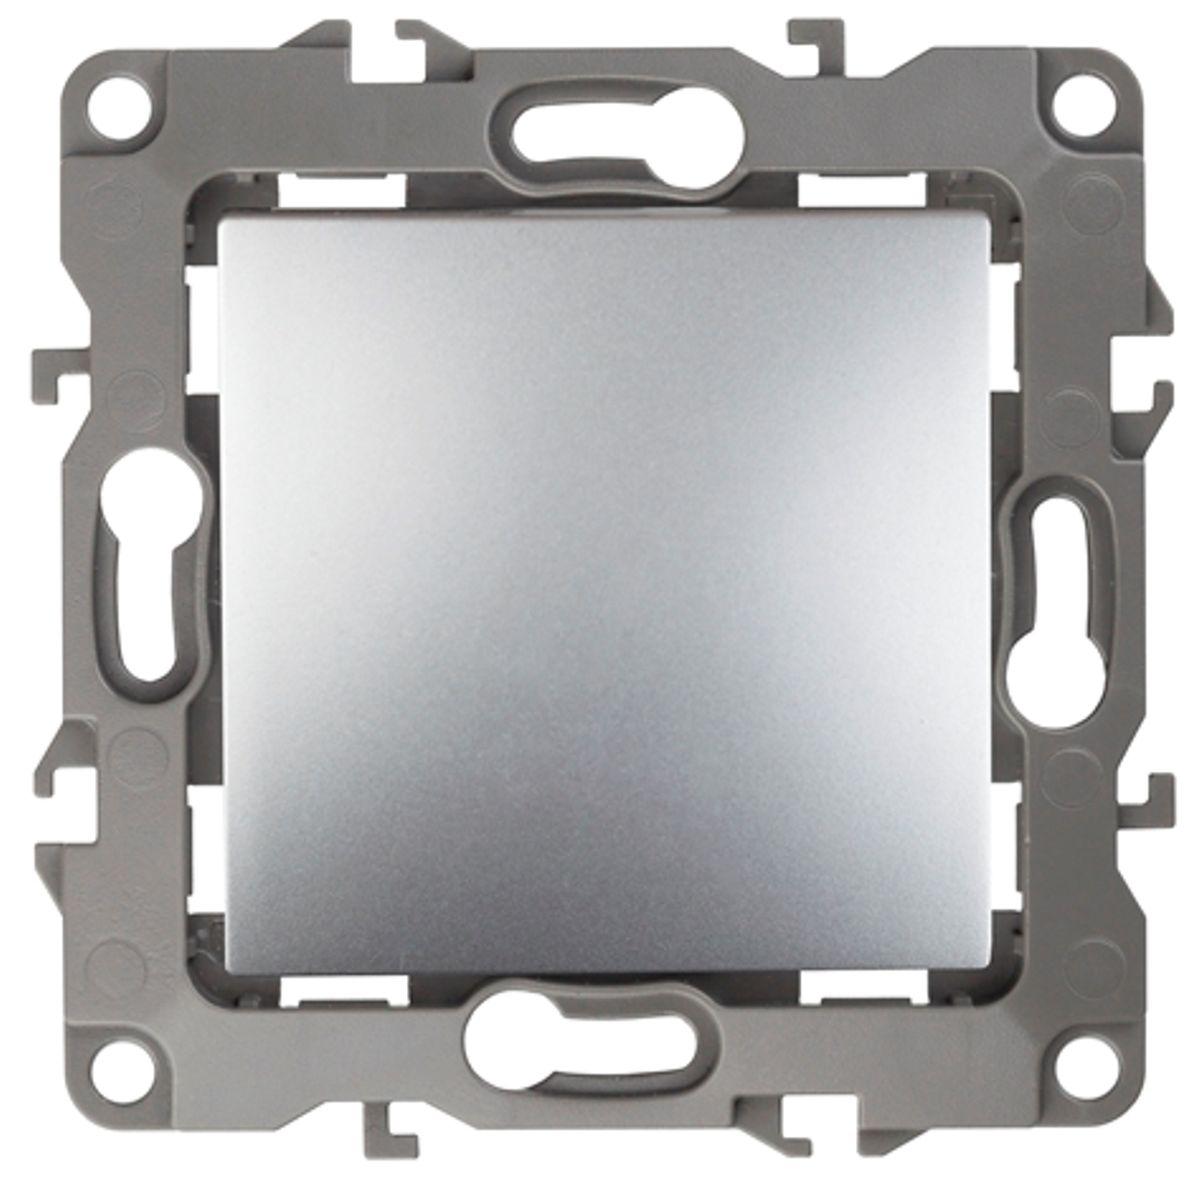 Переключатель ЭРА промежуточный, 10АХ-250В, Эра12, алюминий